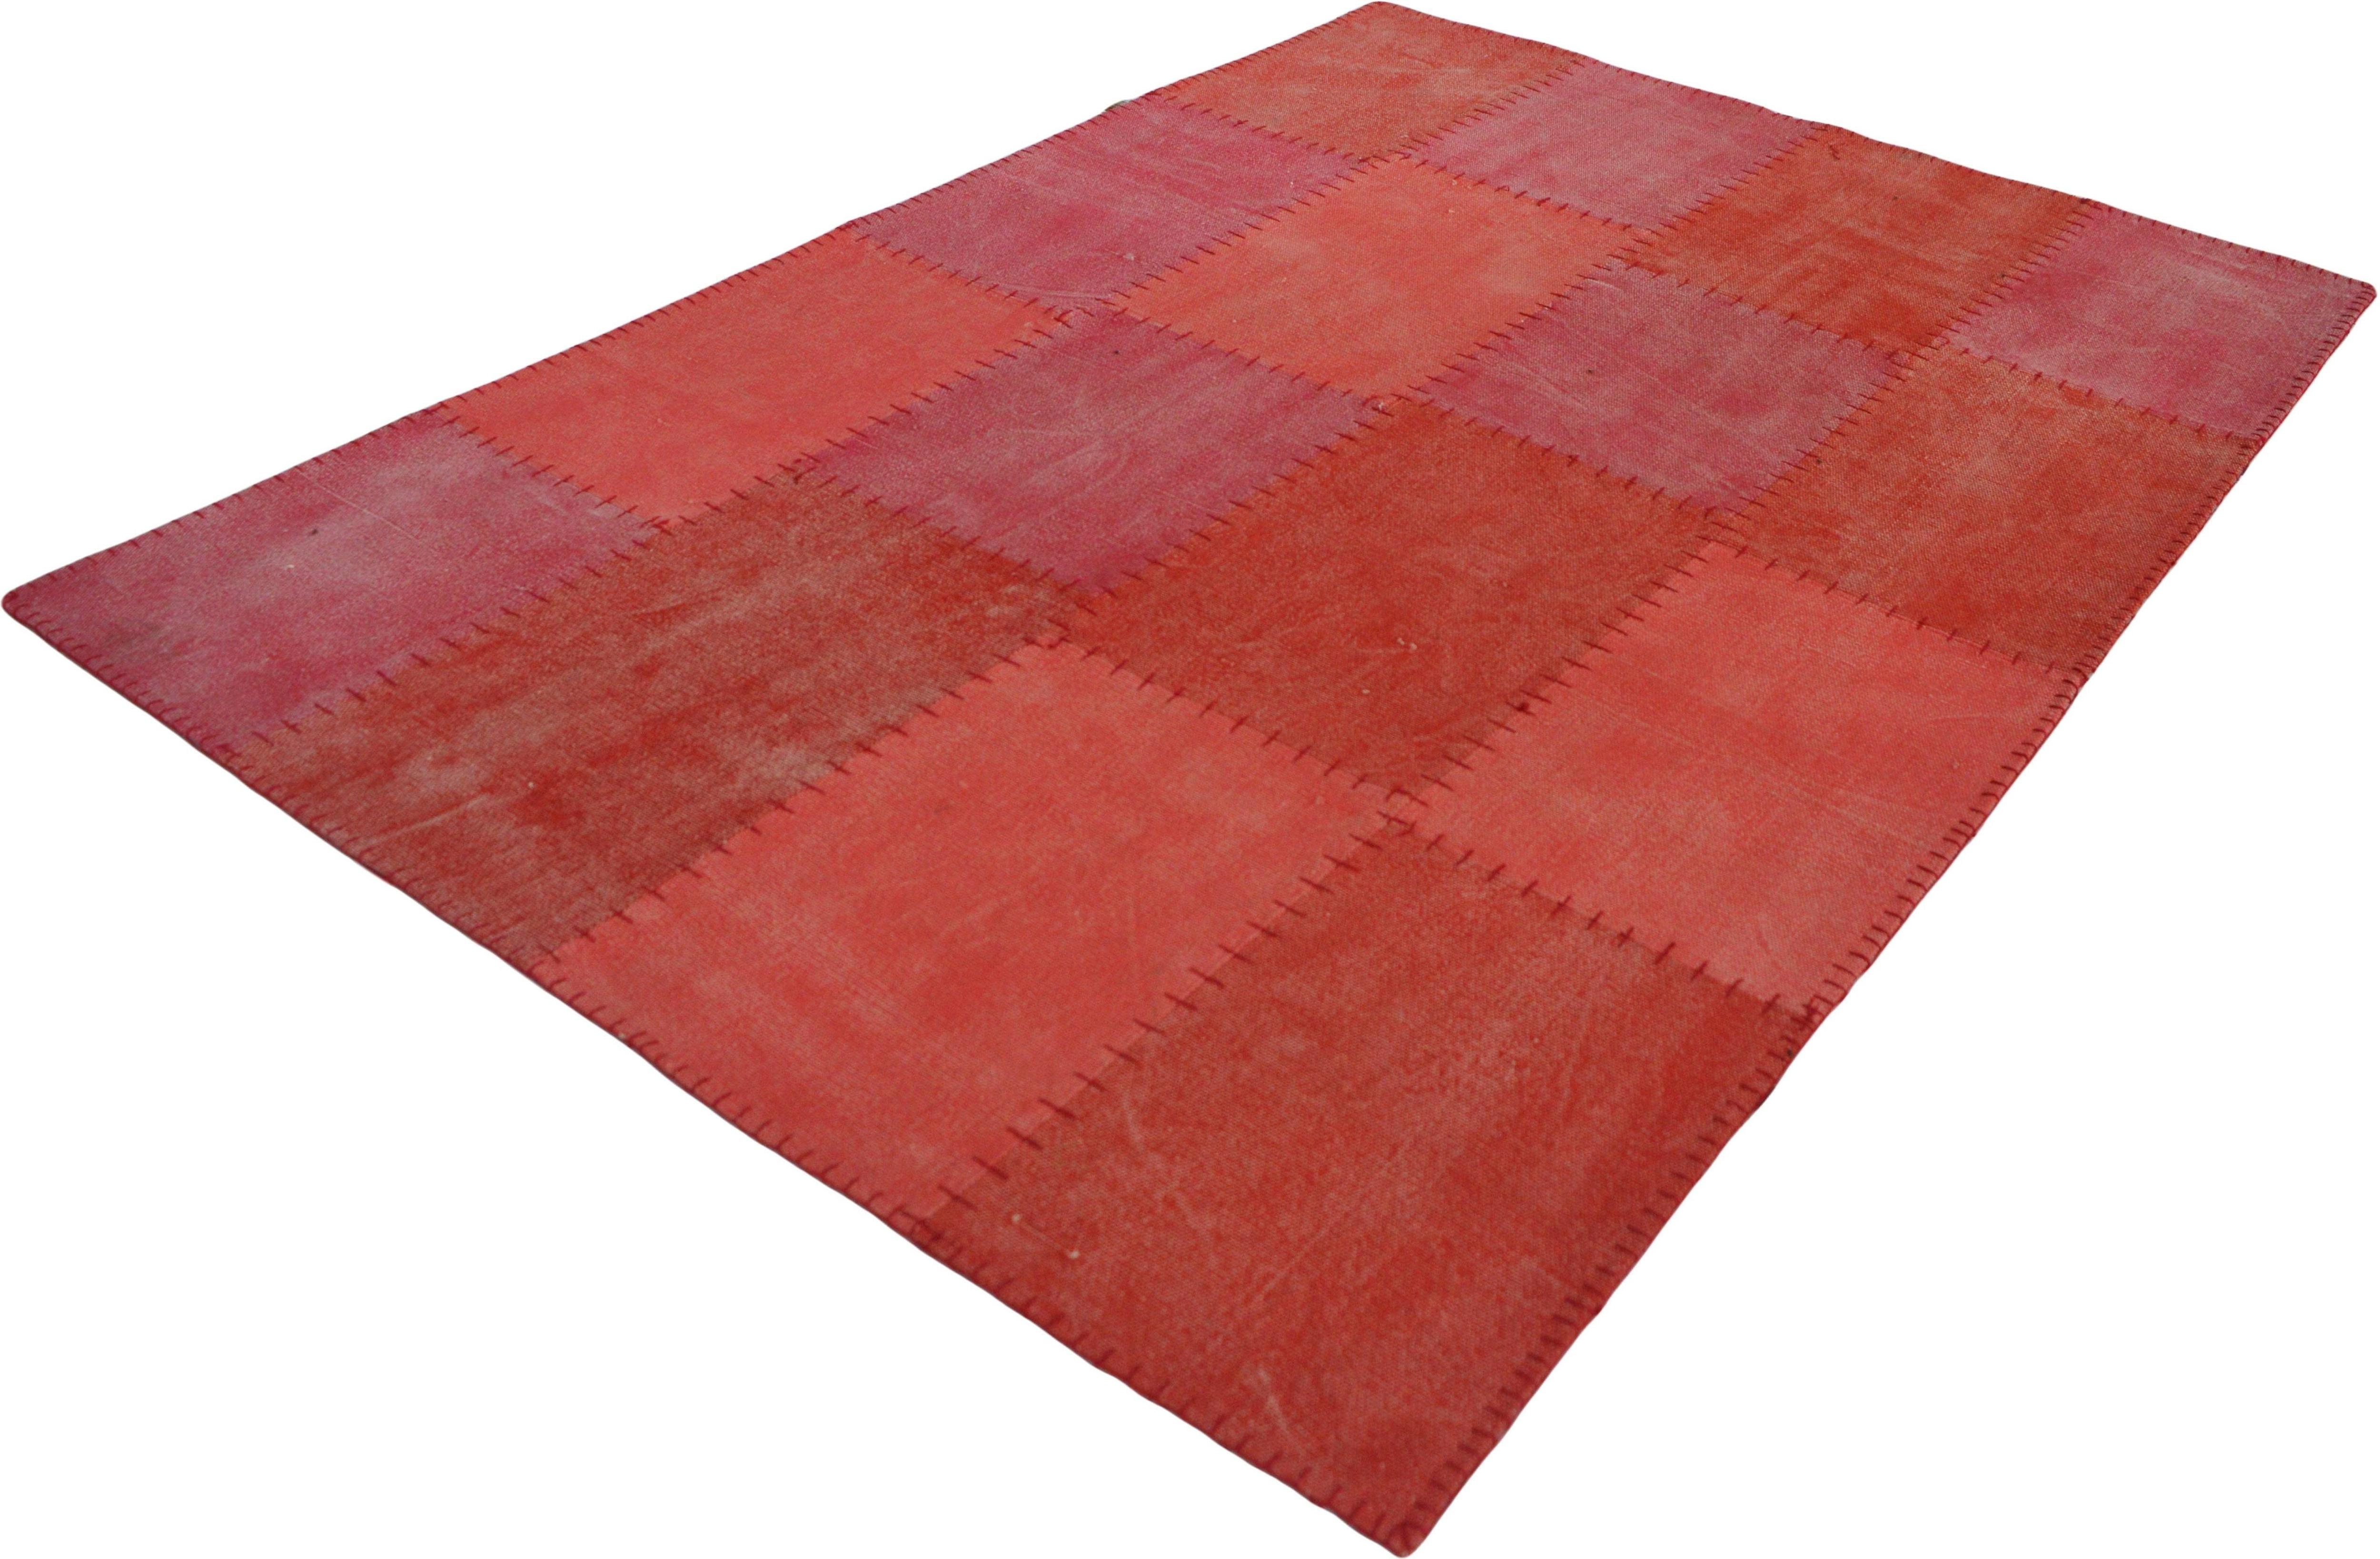 Teppich Cardainn 200 calo-deluxe rechteckig Höhe 10 mm handgewebt